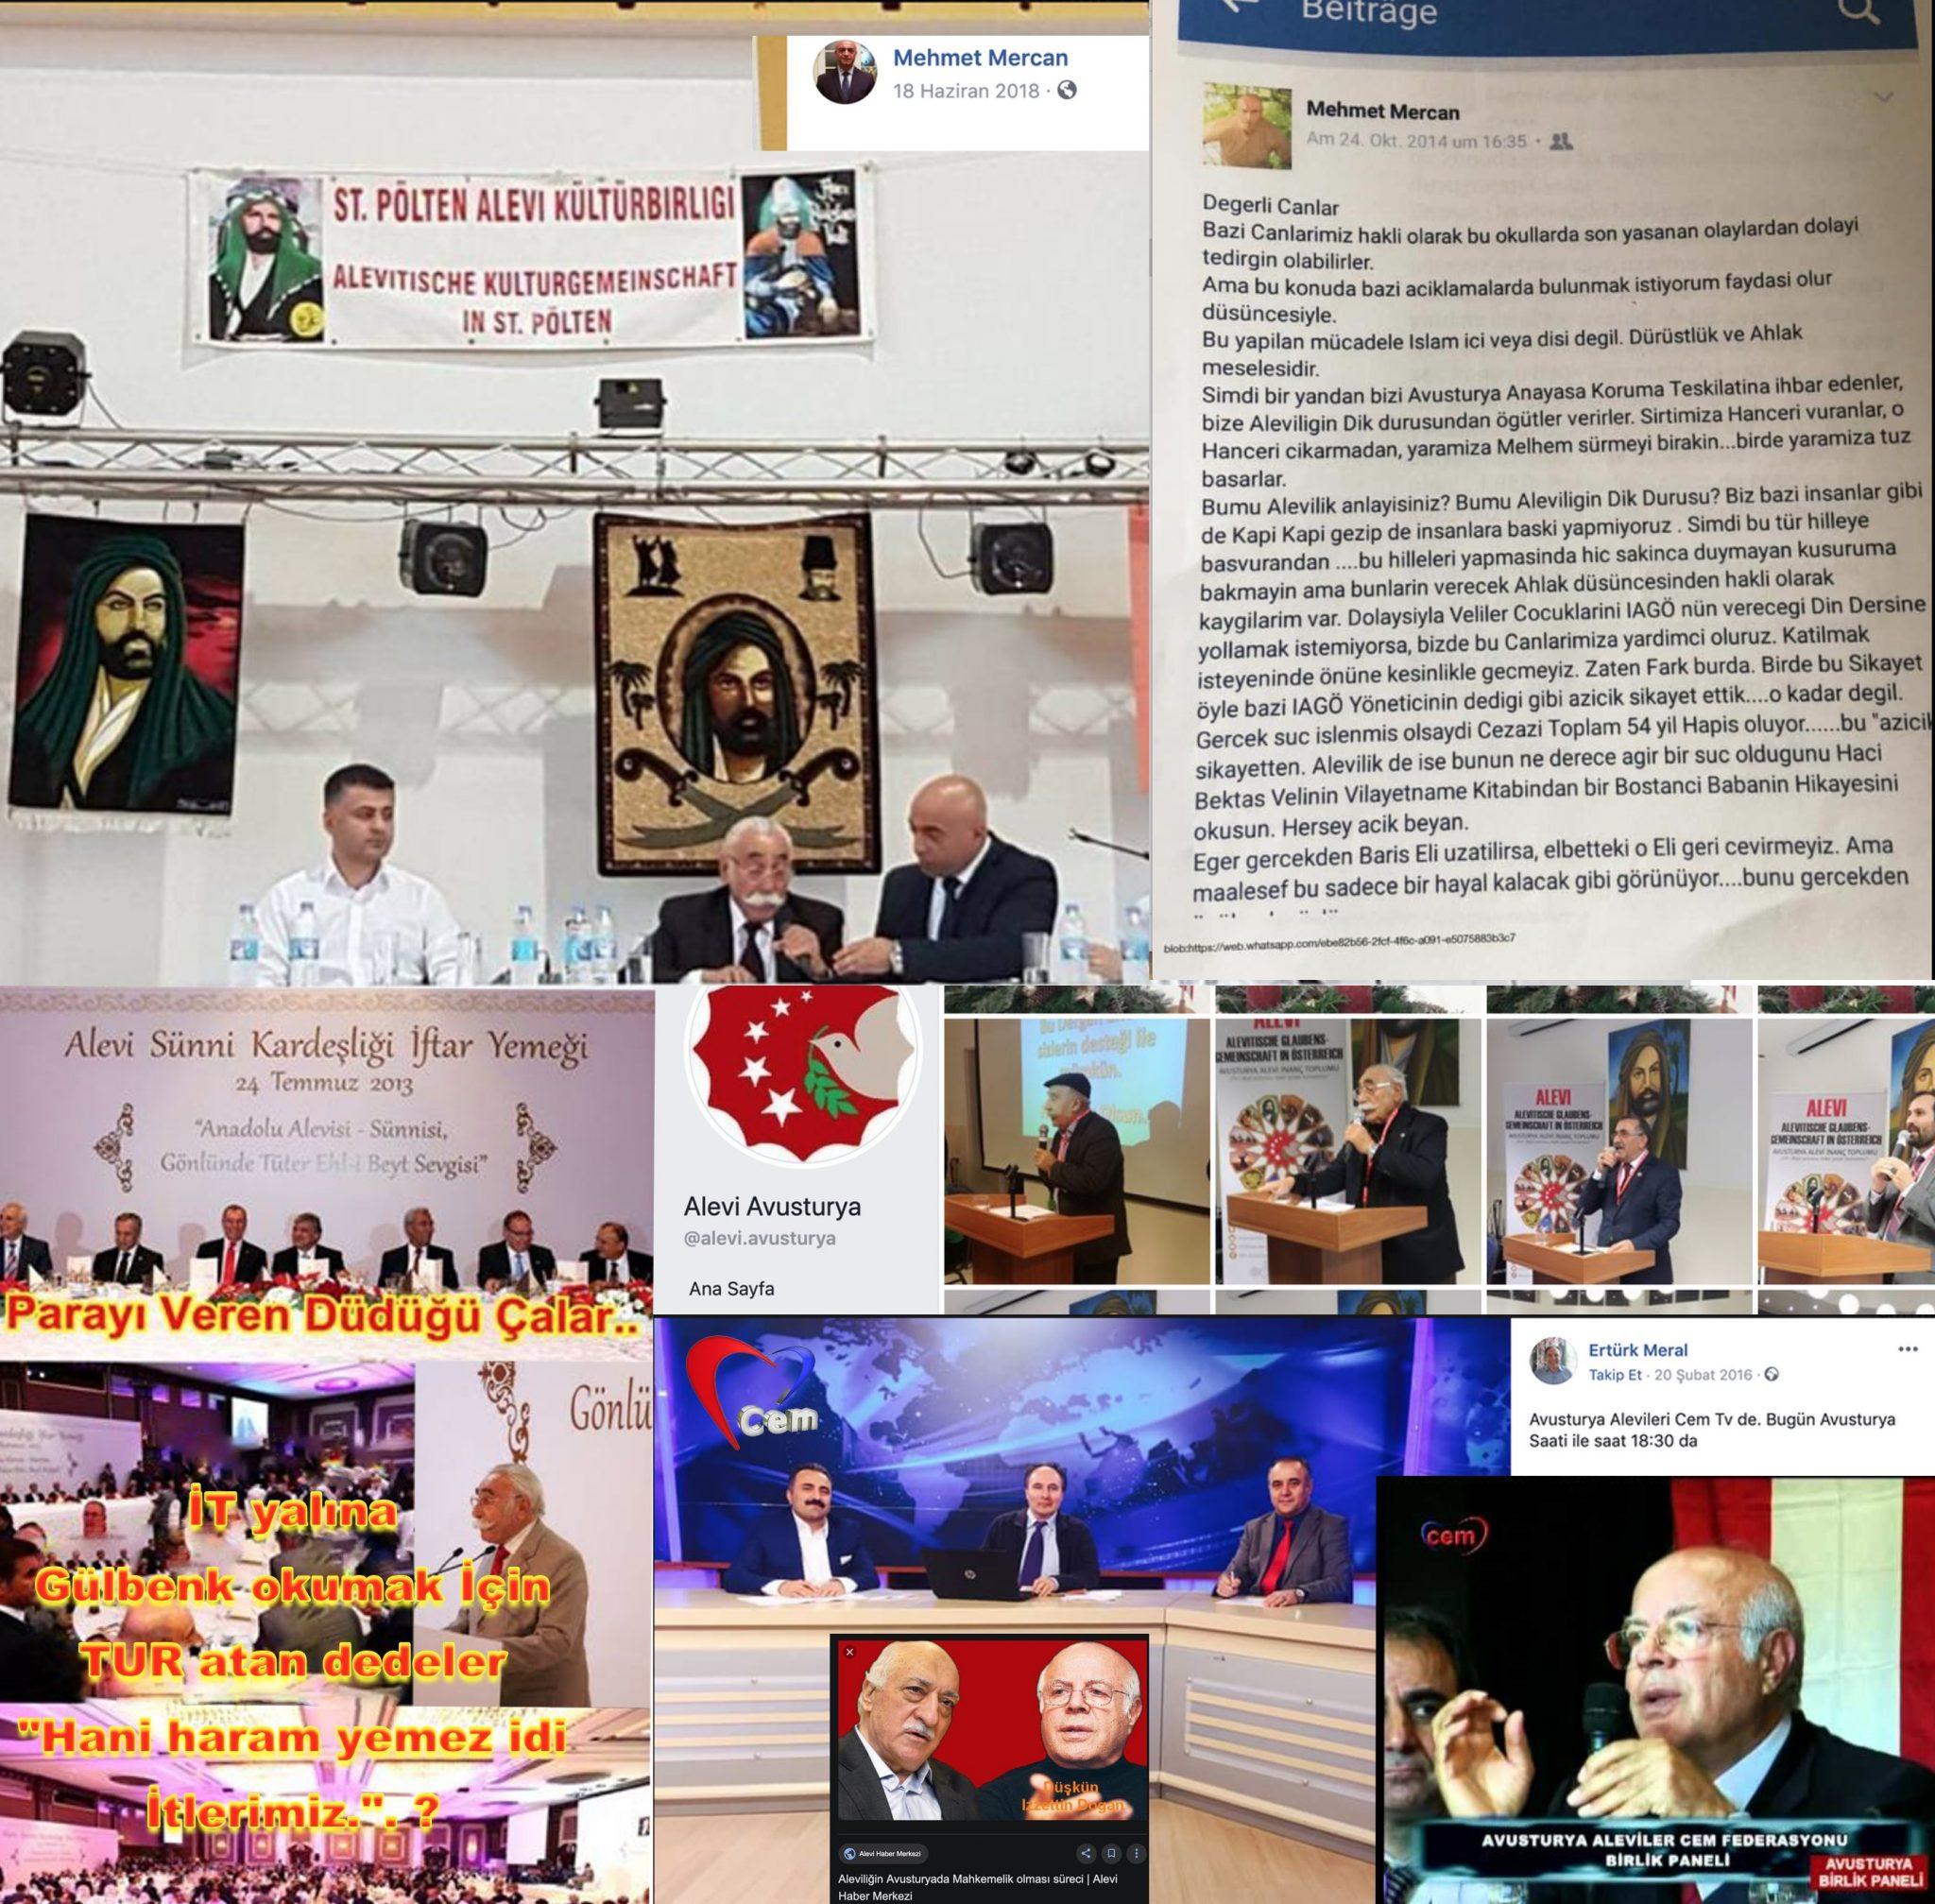 11 9 Avusturya Alevi islamcı Aleviler  DAB devrimci Aleviler Birliği İt yalına gülbenk turu